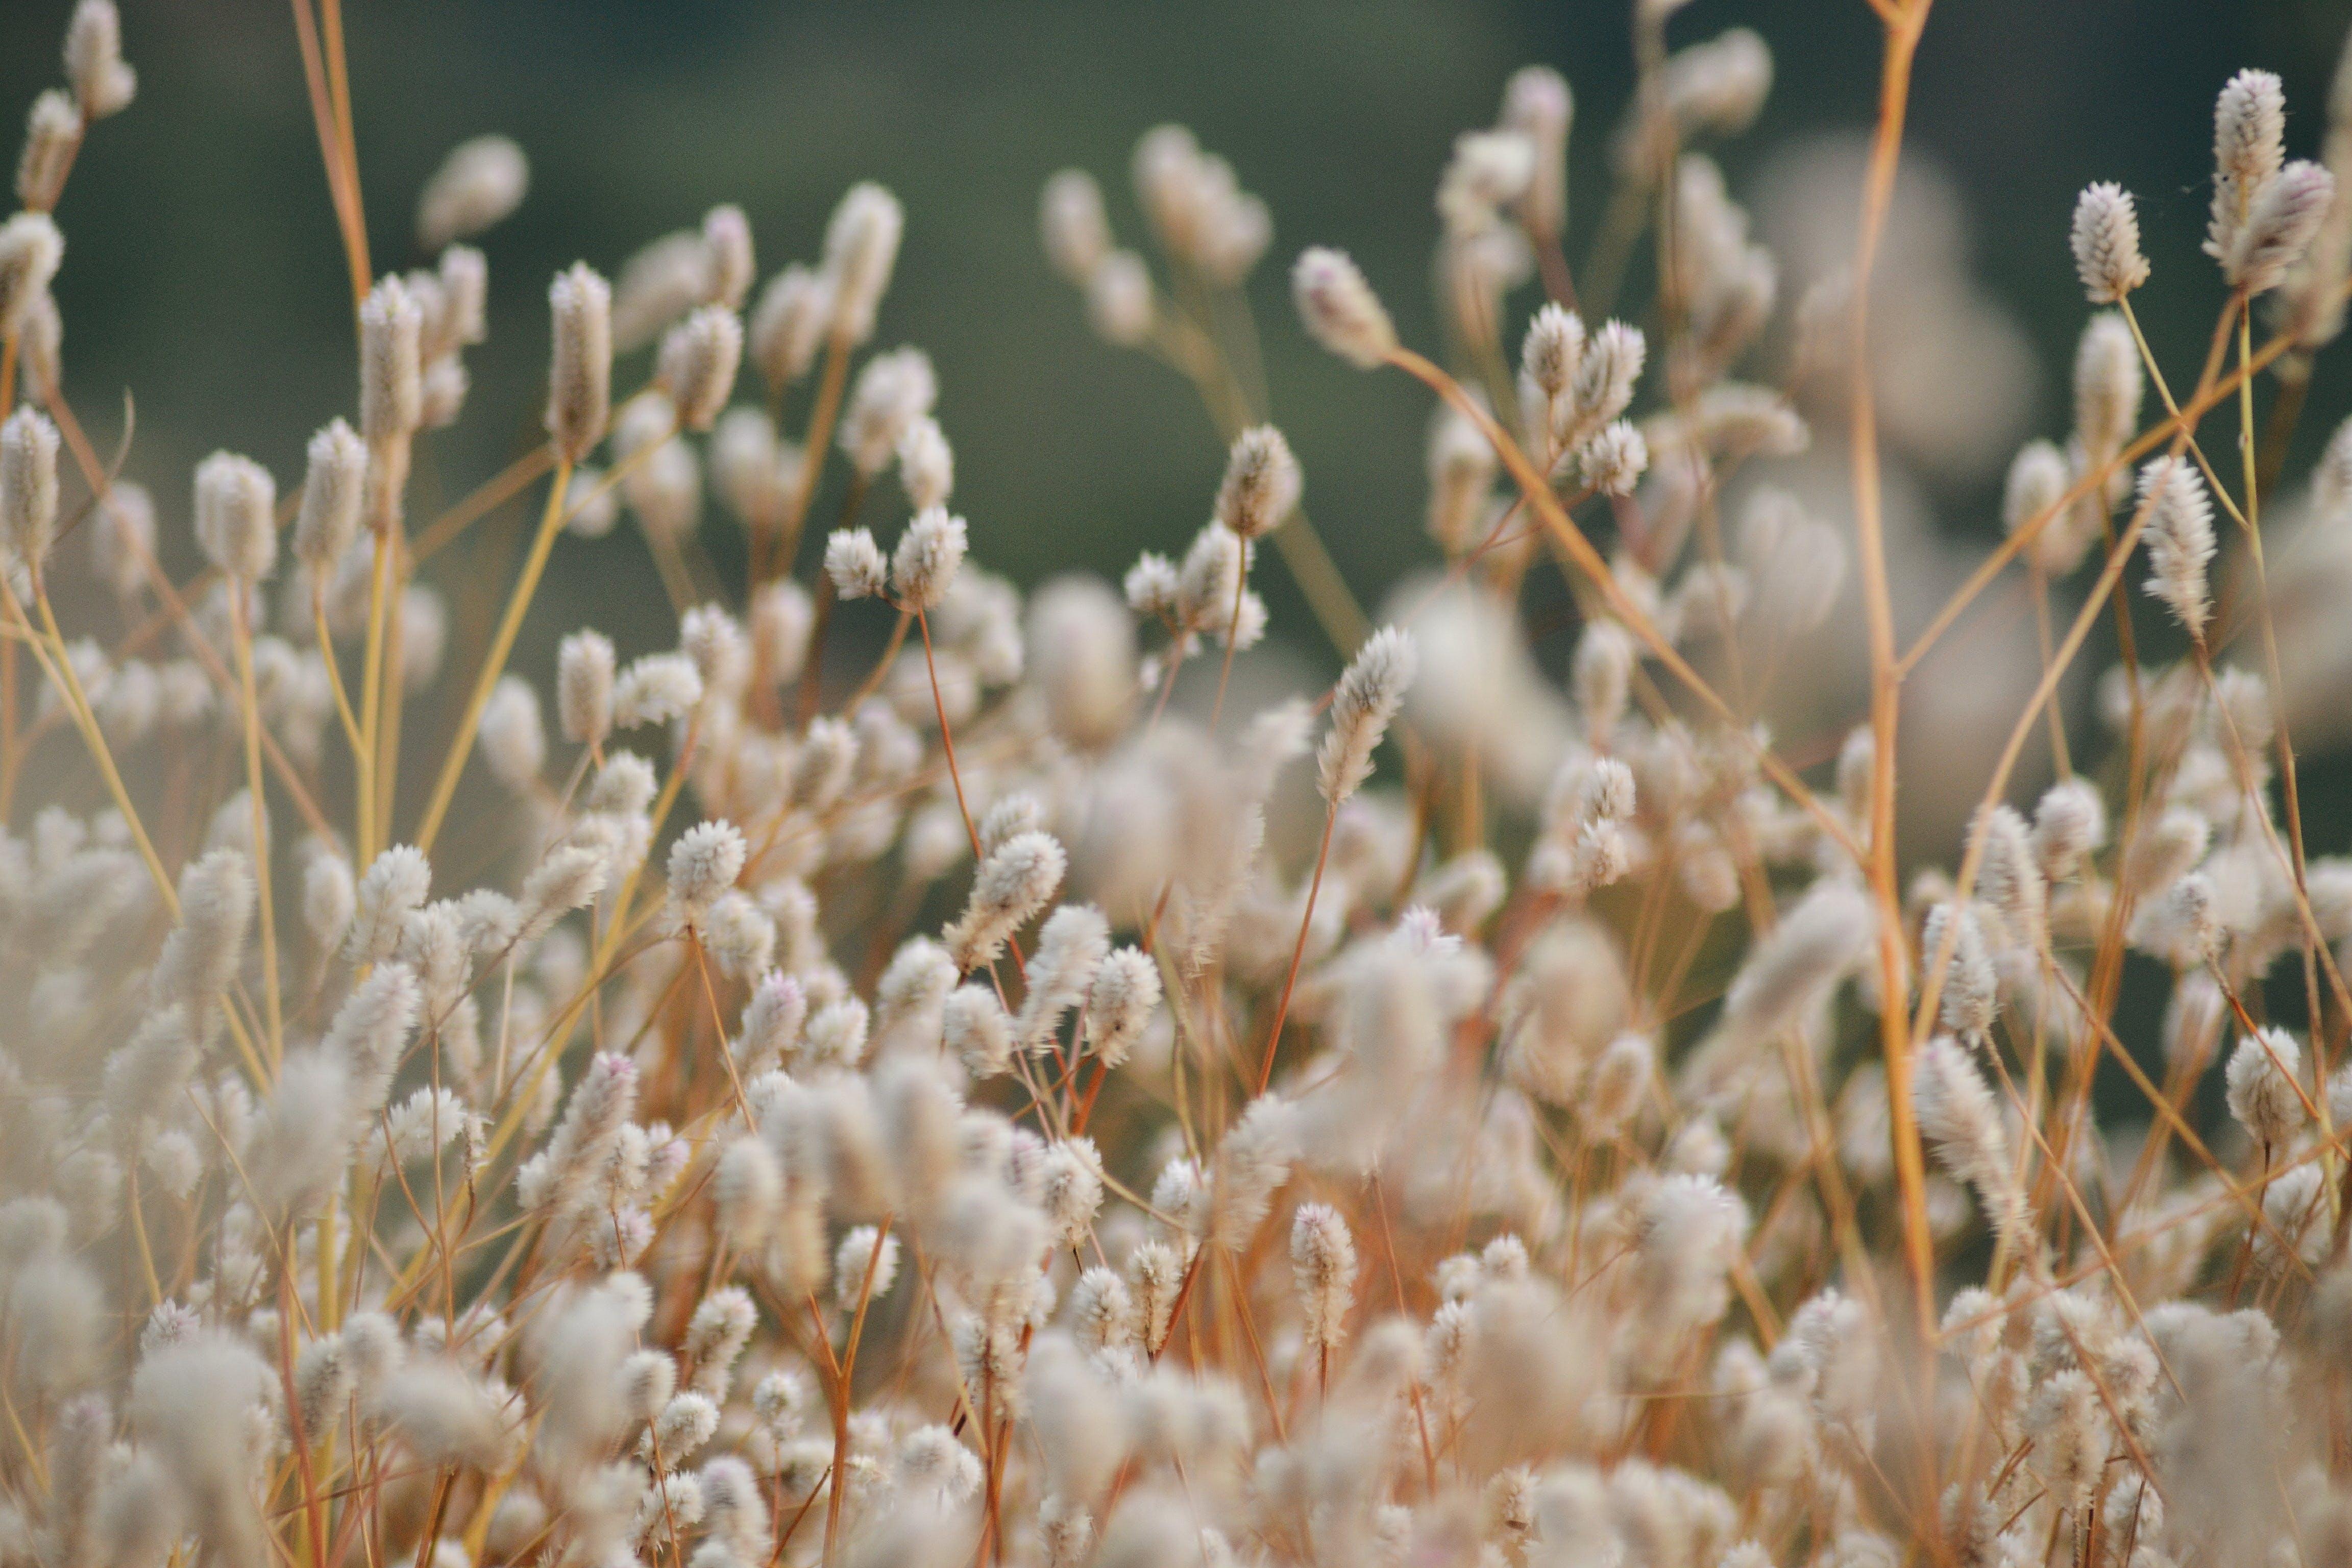 Kostenloses Stock Foto zu blühen, blumen, blüte, botanisch